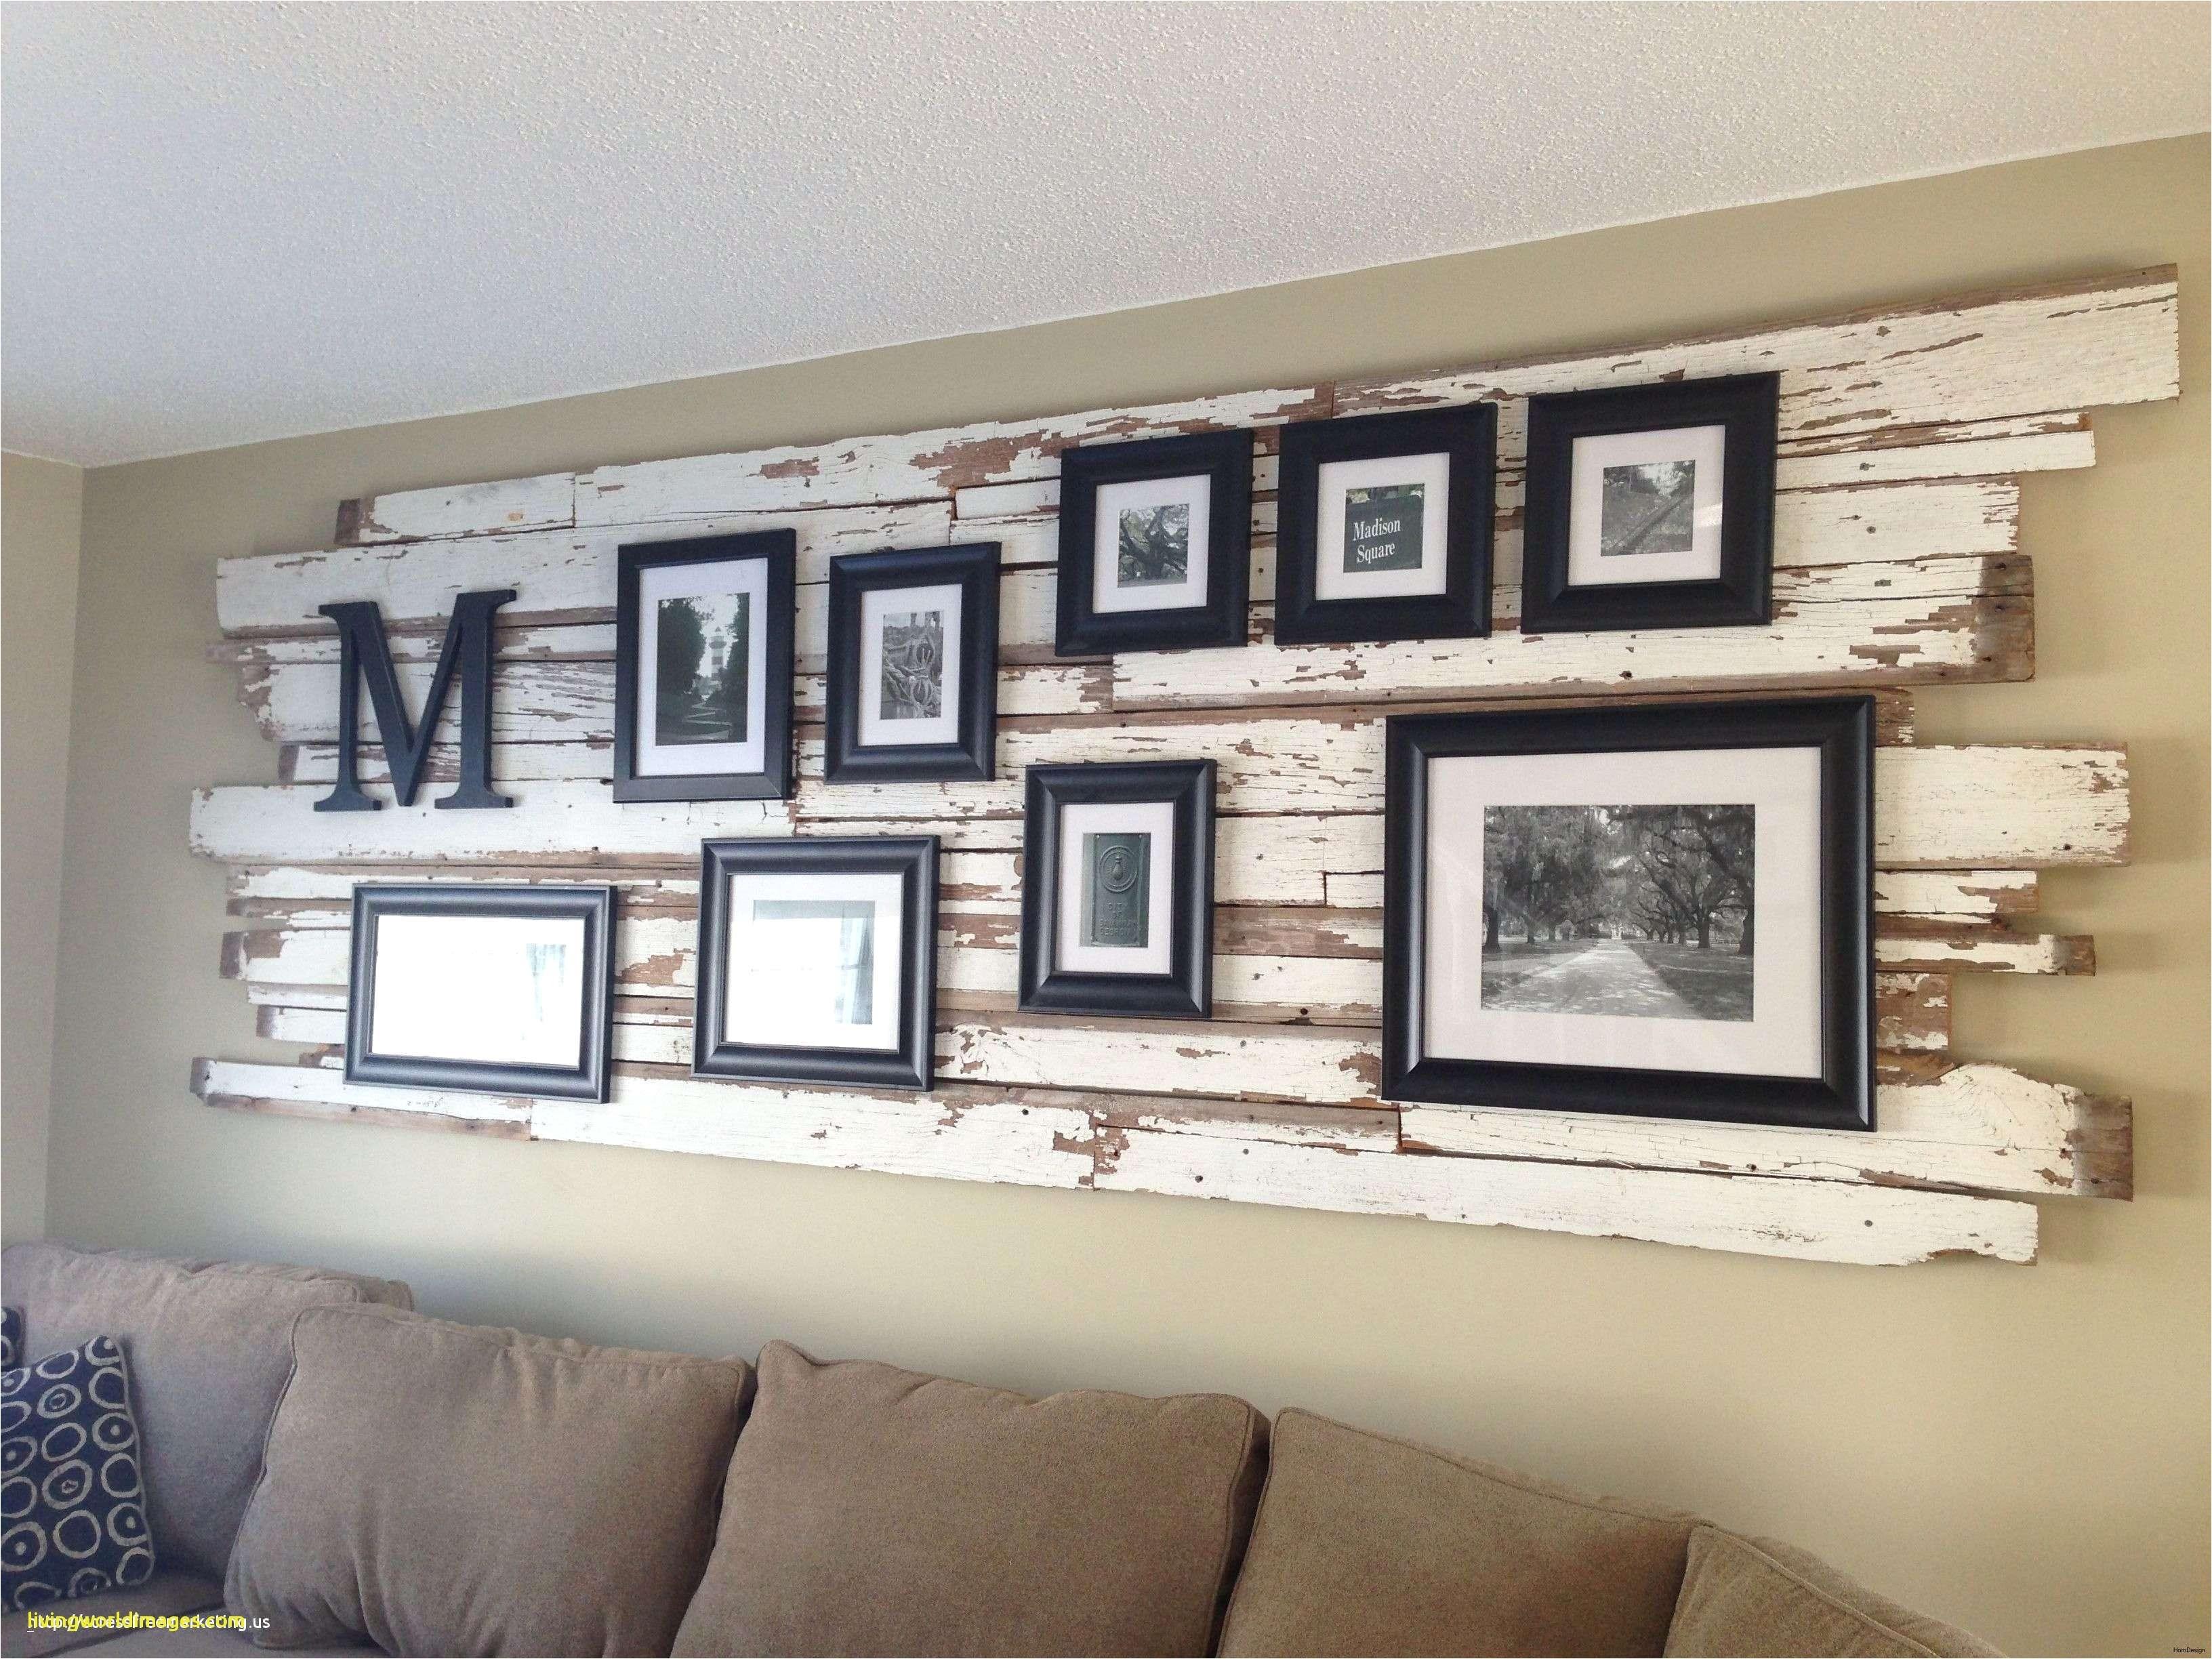 room lighting ideas ideas kitchen design cheap beautiful 1 kirkland wall decor home design 0d outdoor